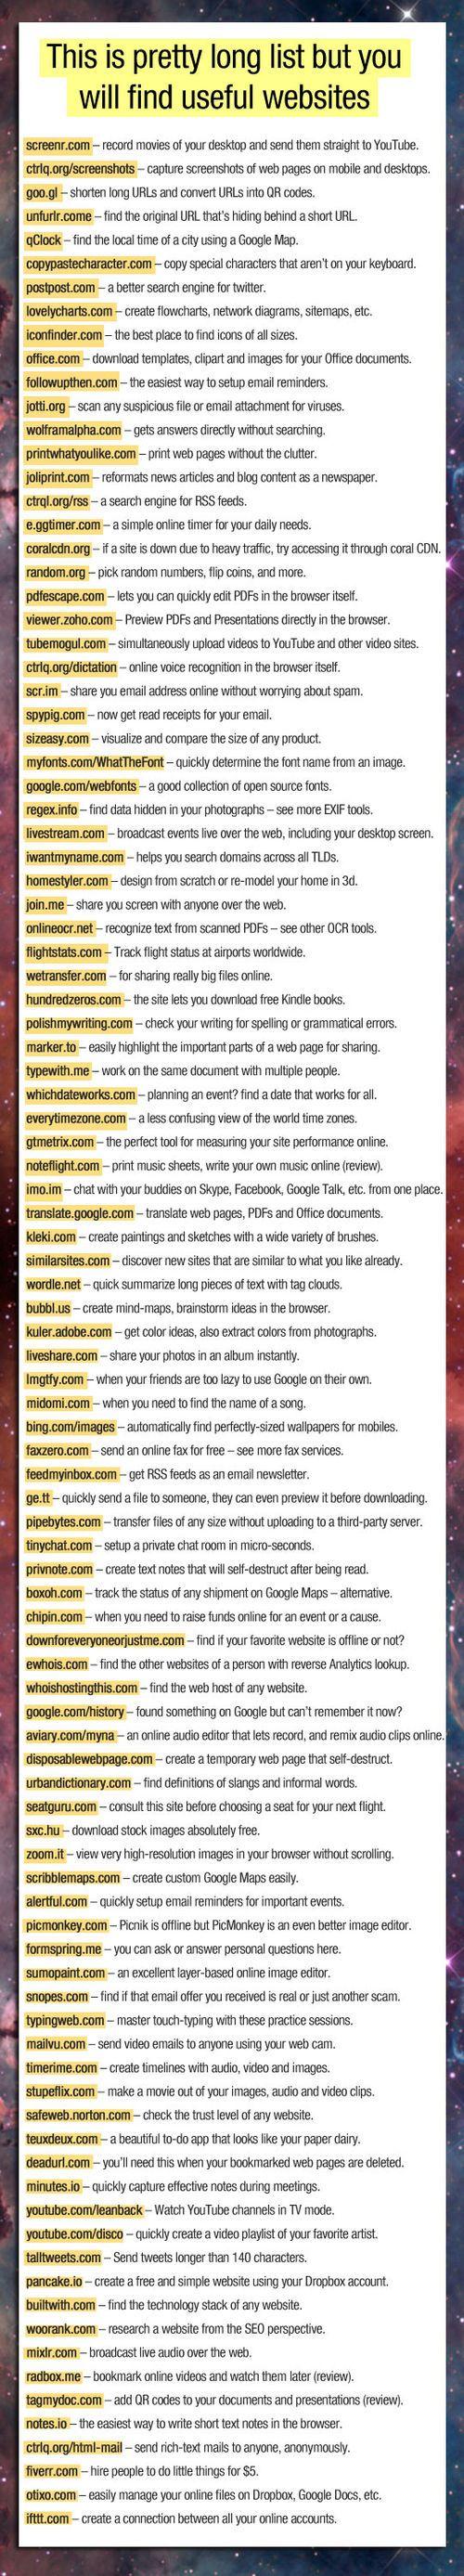 100 useful websites - Imgur